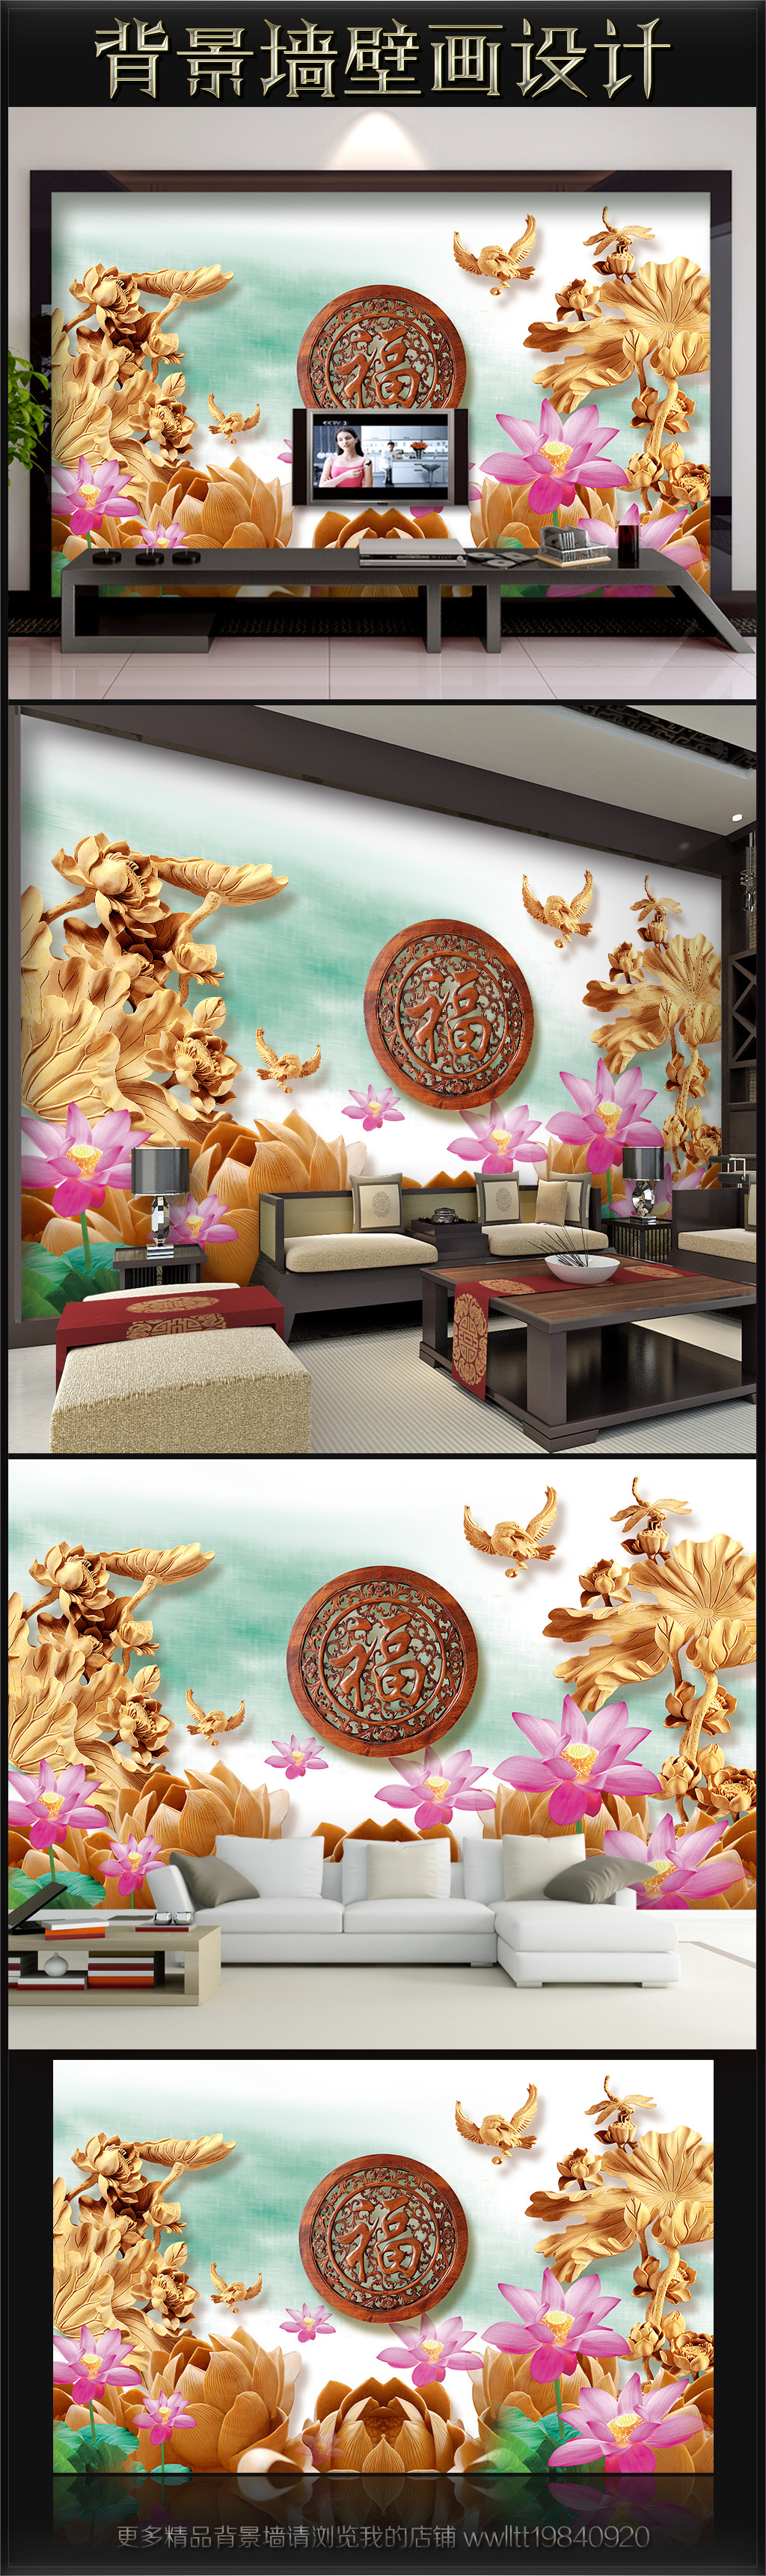 立体壁画 荷花 福 壁纸 墙纸 木雕 浮雕 壁饰 墙饰 家和 富贵 中堂画